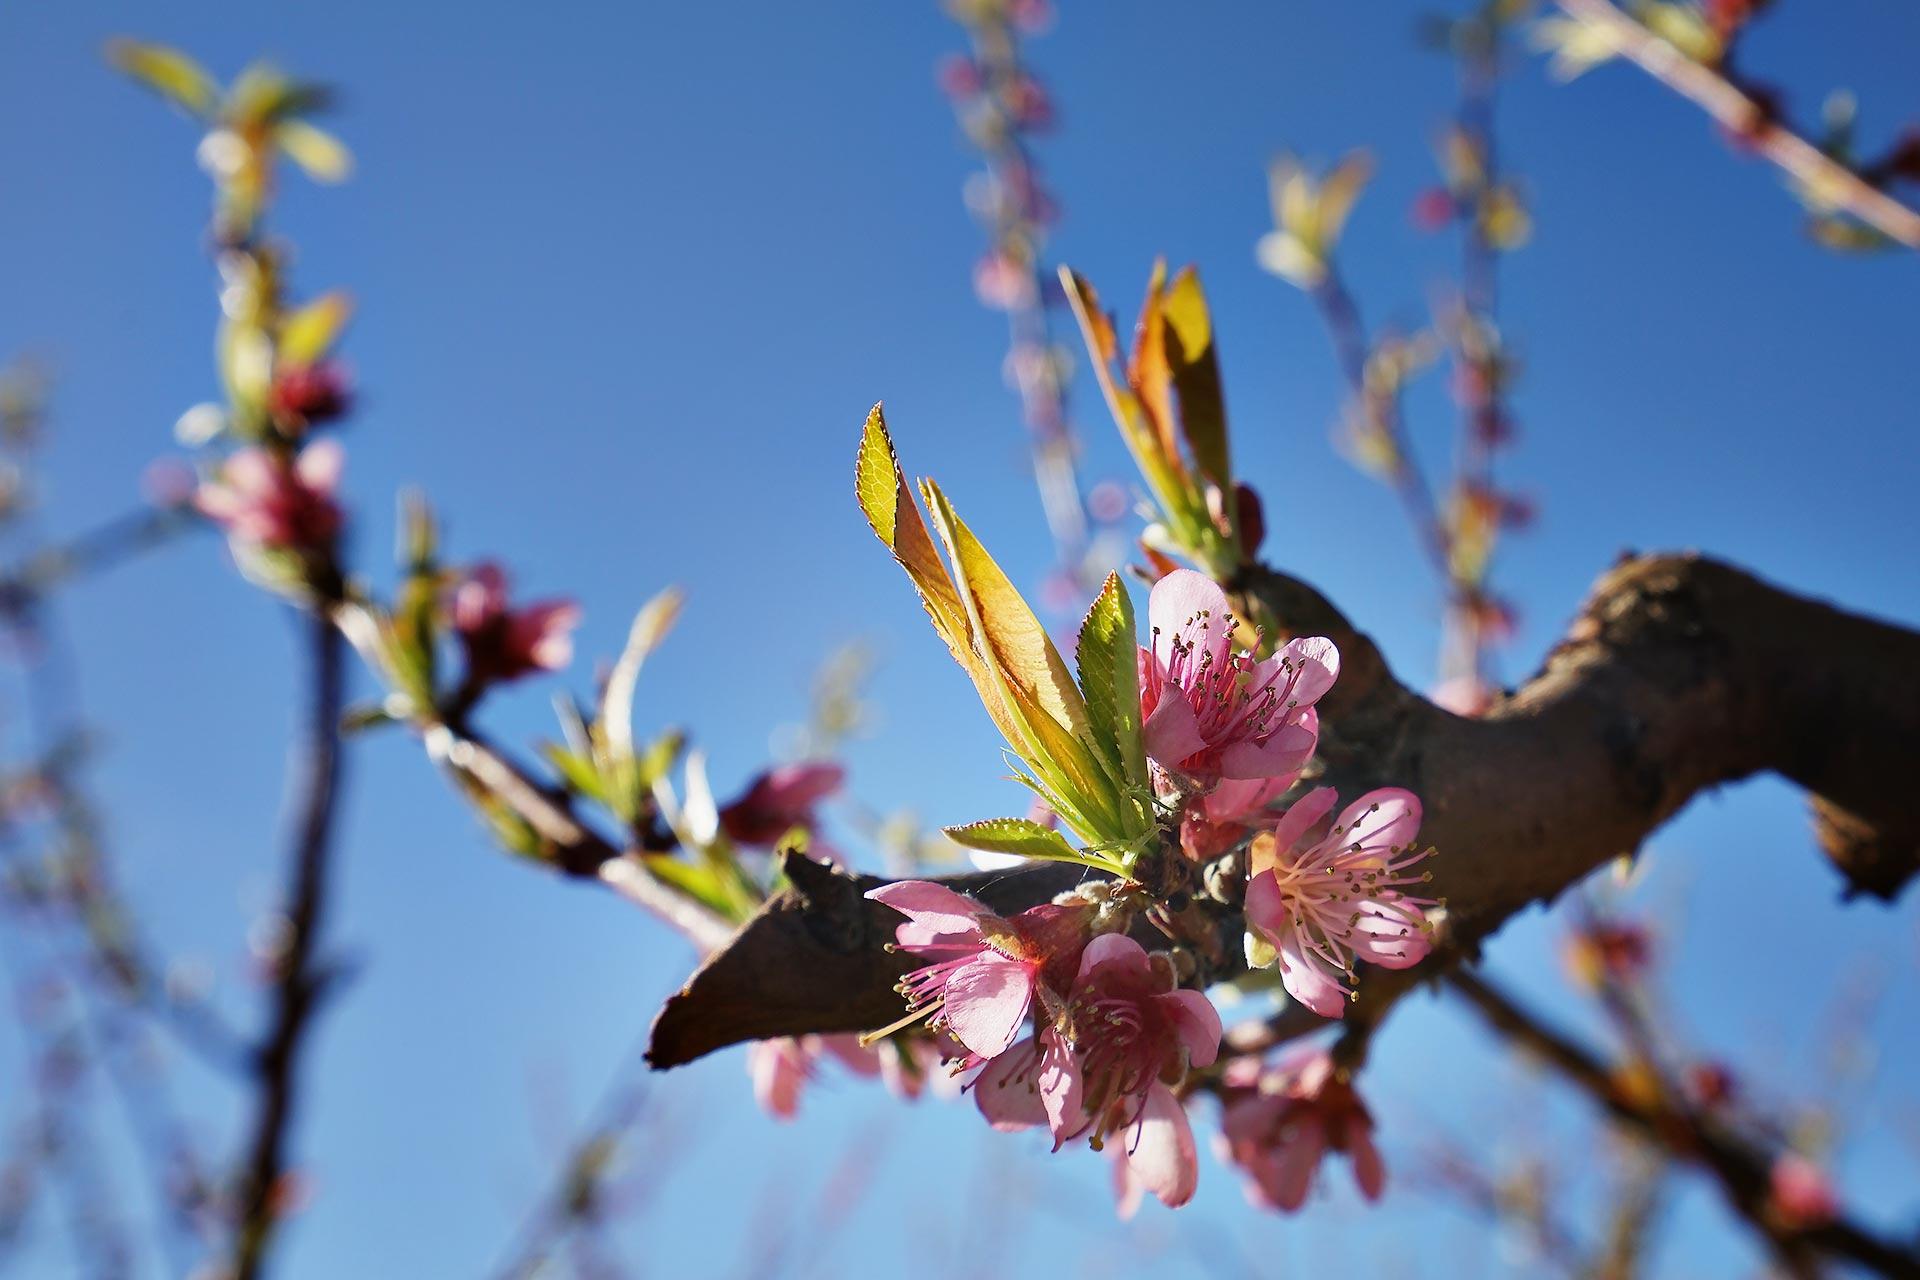 Les pêchers et abricotiers sont en fleurs